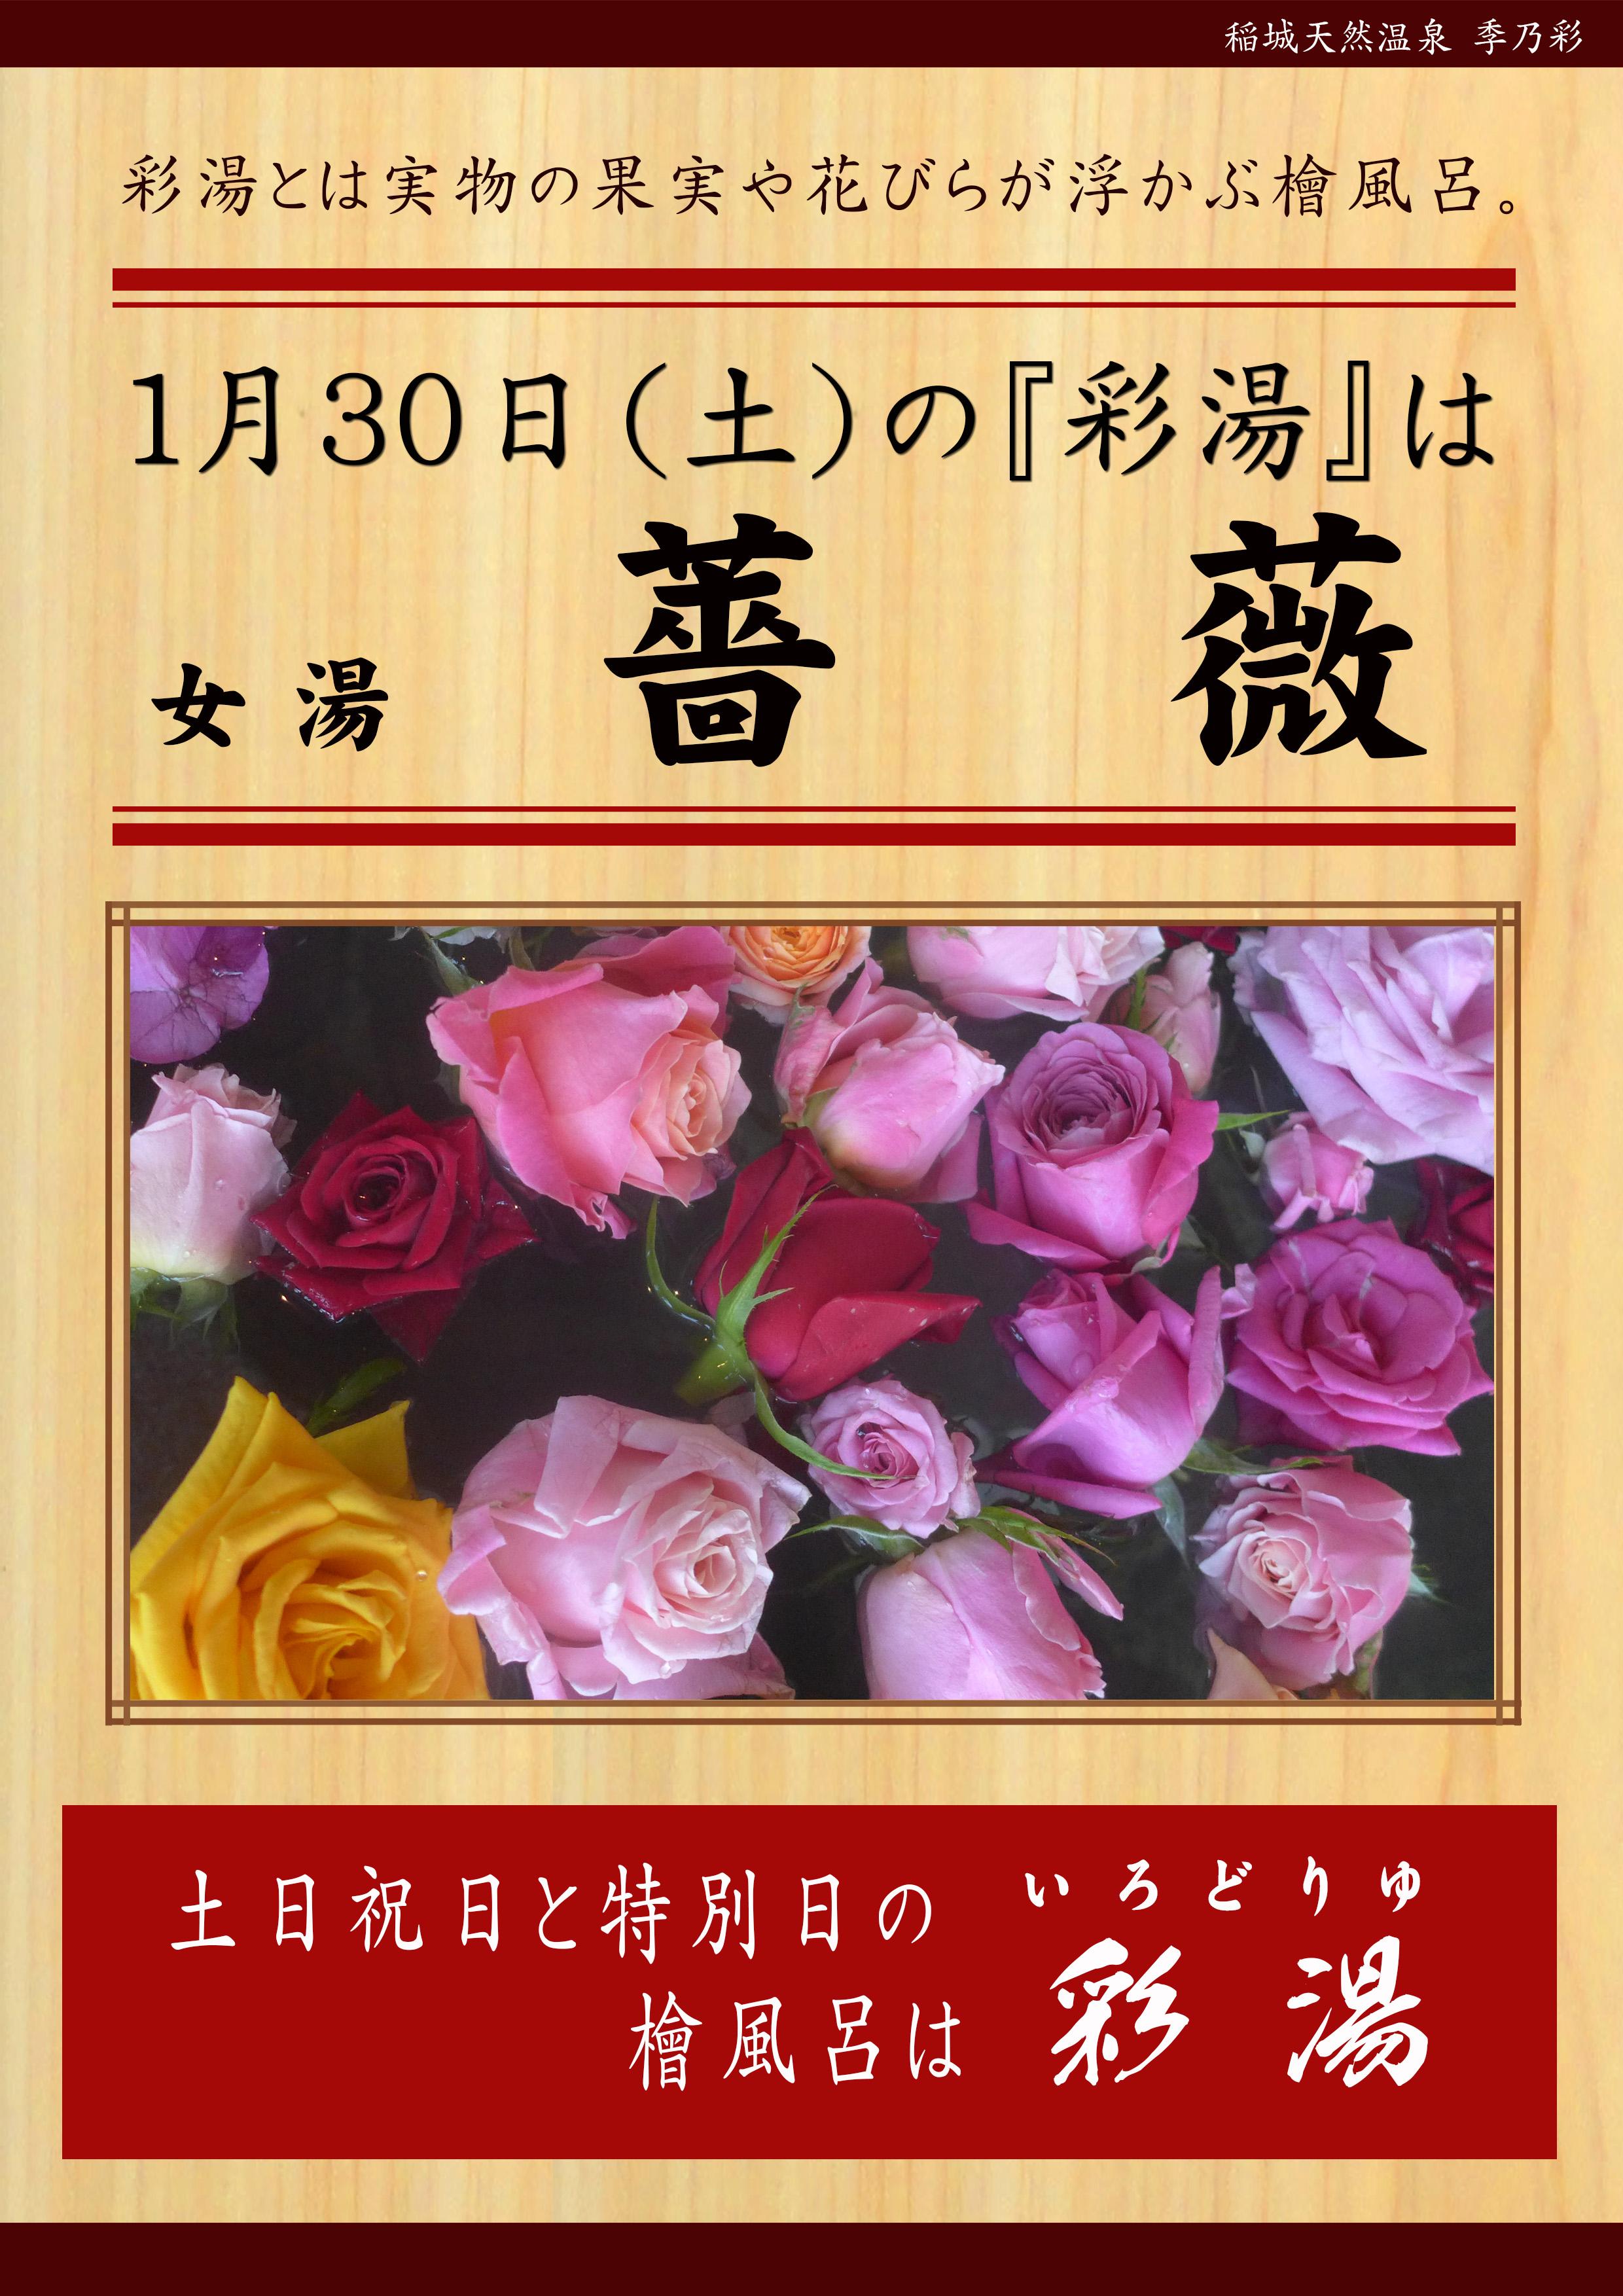 210130彩湯 女湯 薔薇